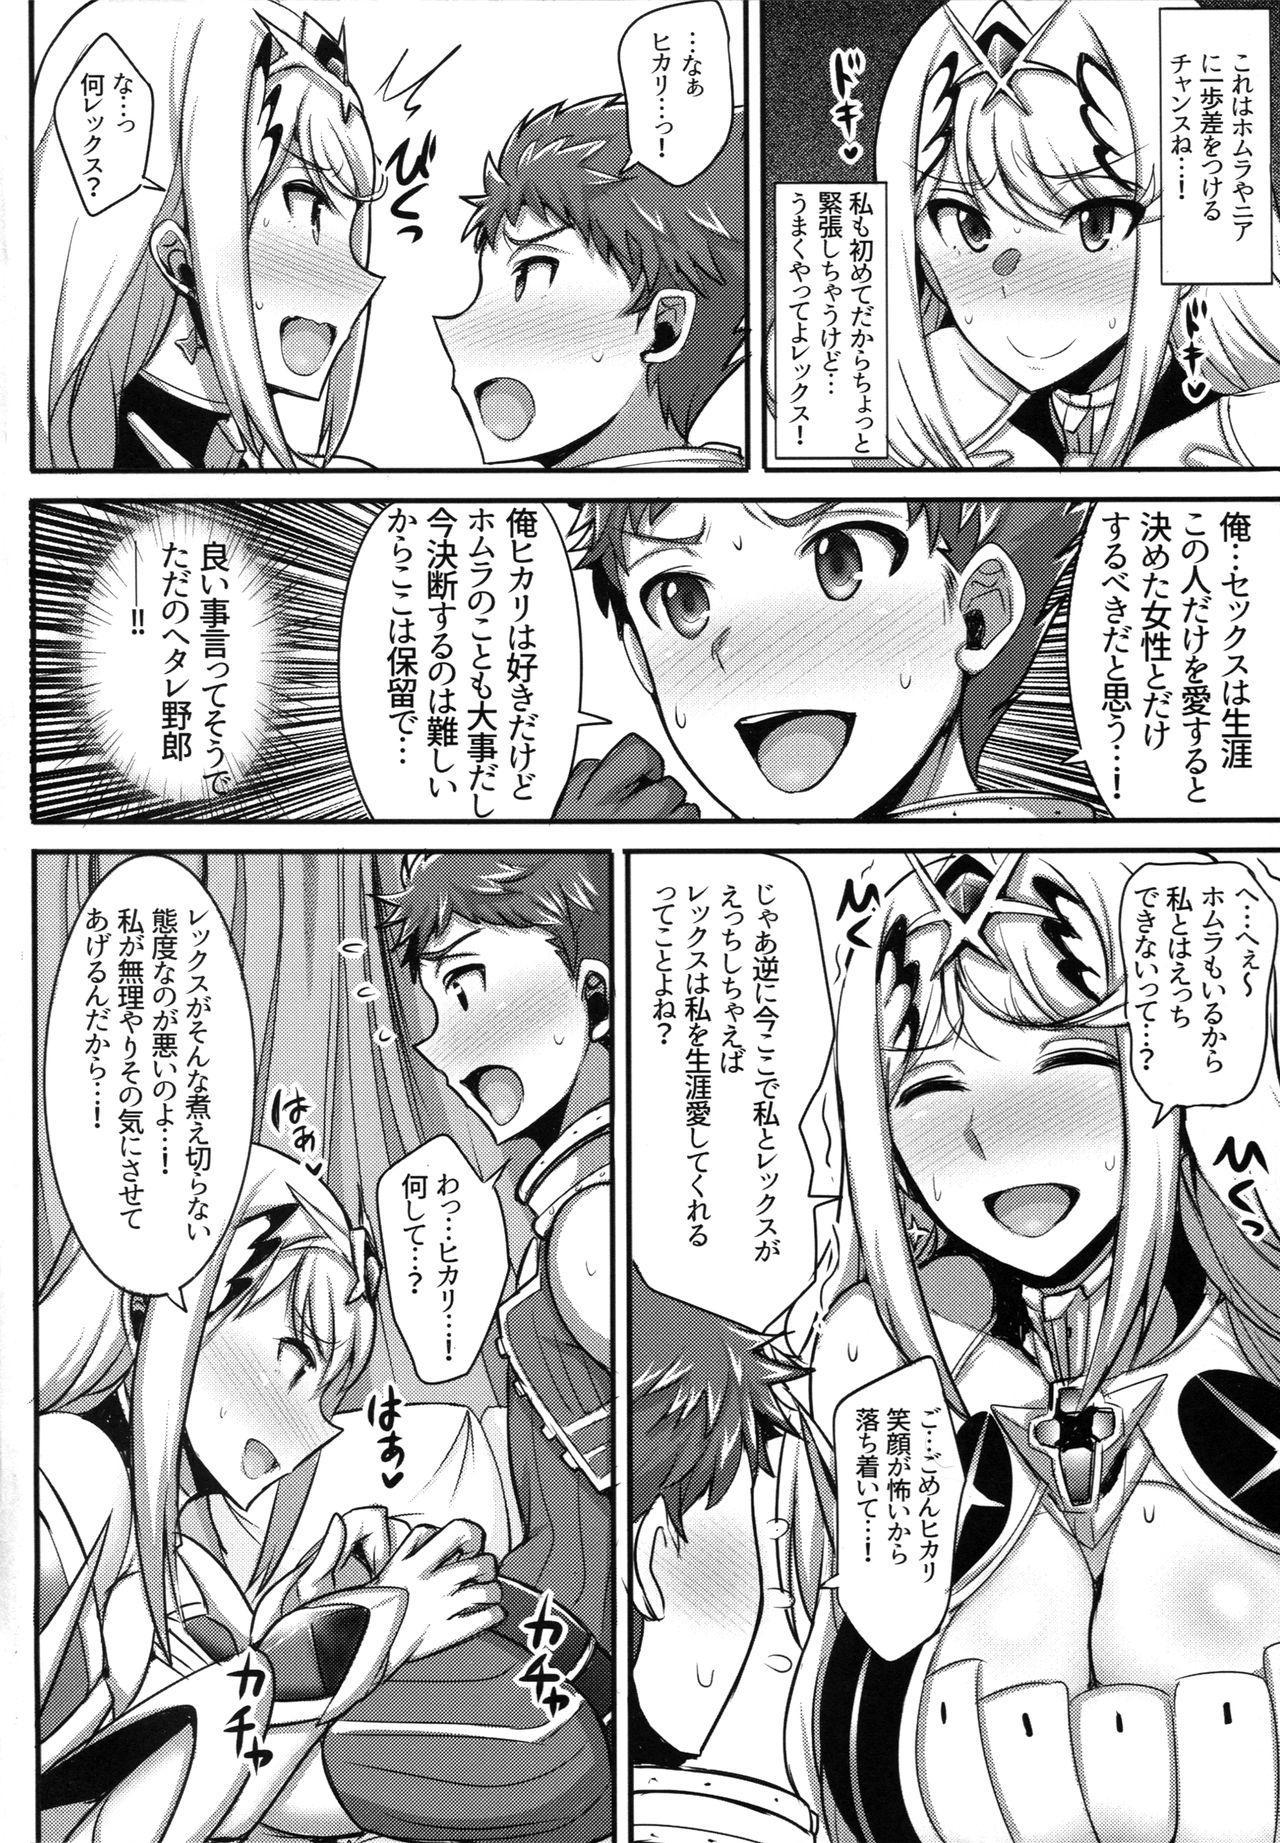 Hikari-chan ga Oshiete Ageru 4